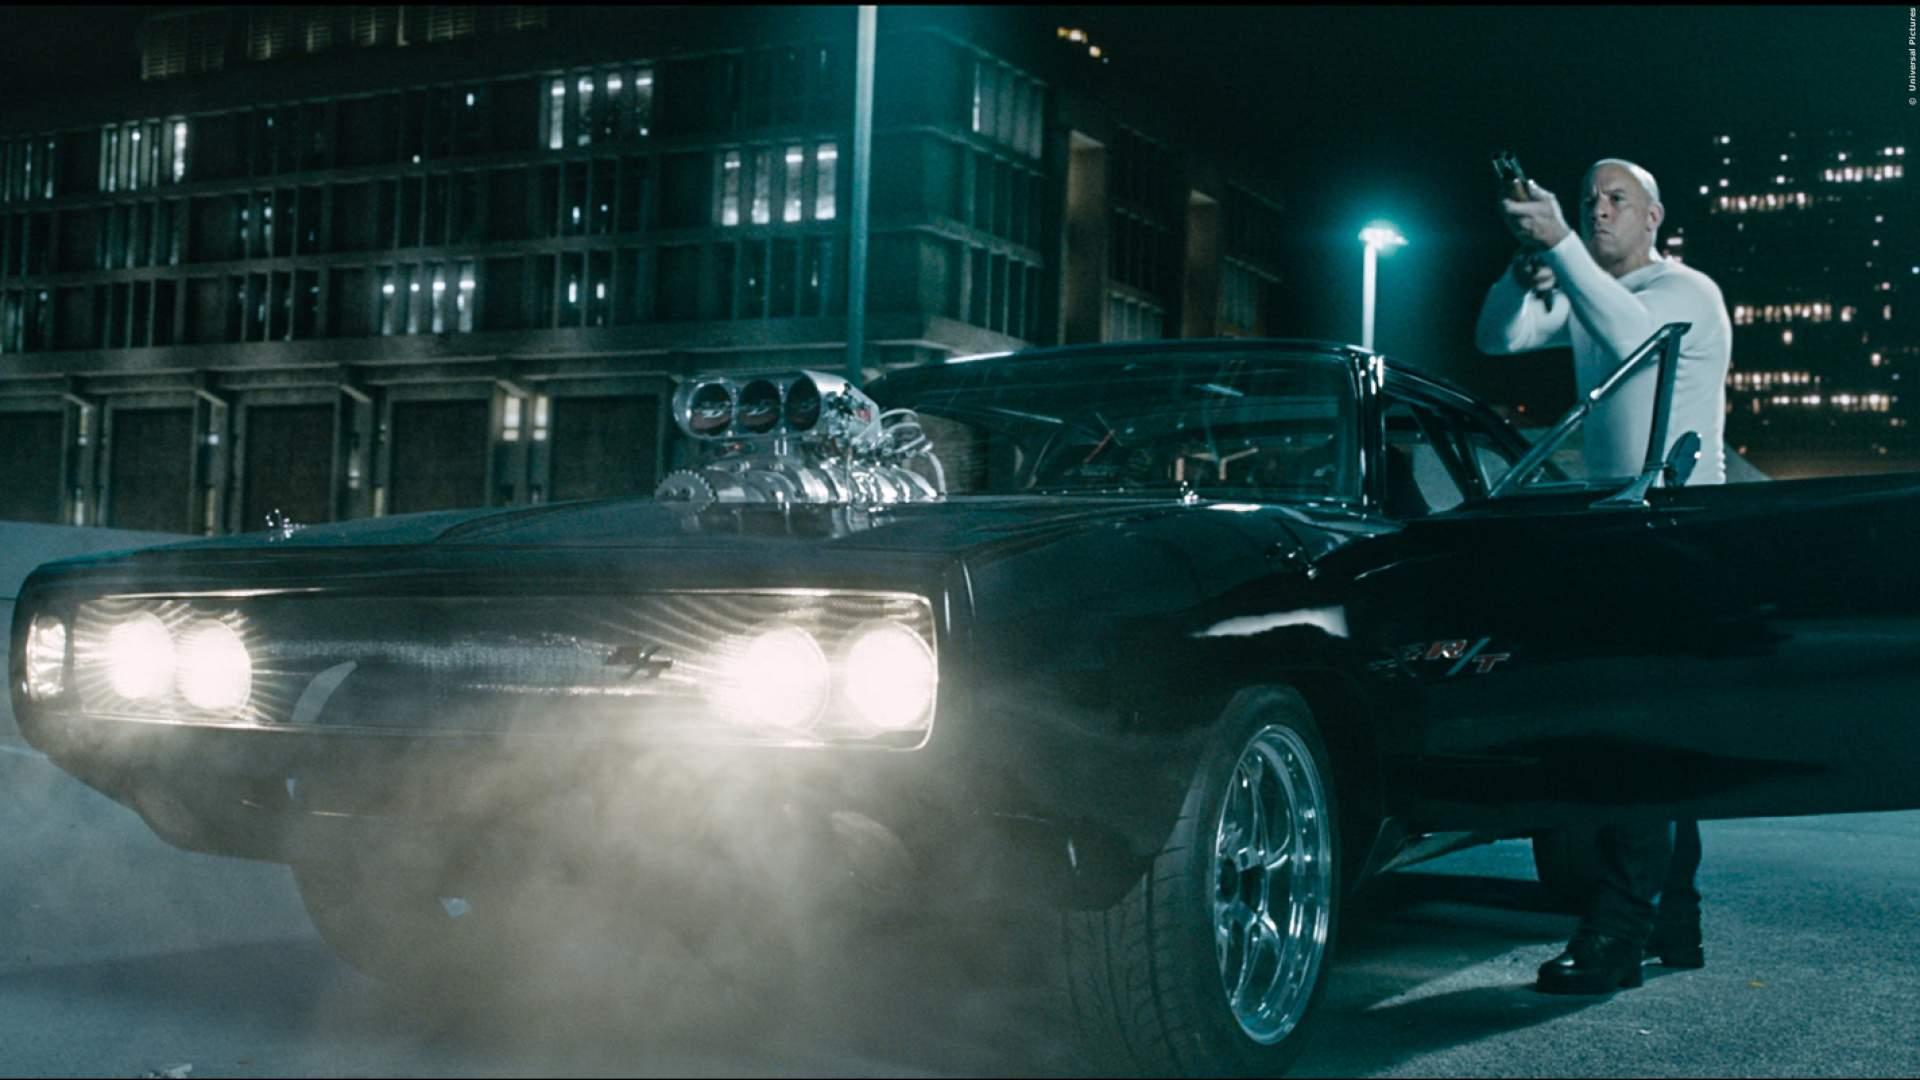 Vin Diesel in Fast and Furious - Bild 5 von 12